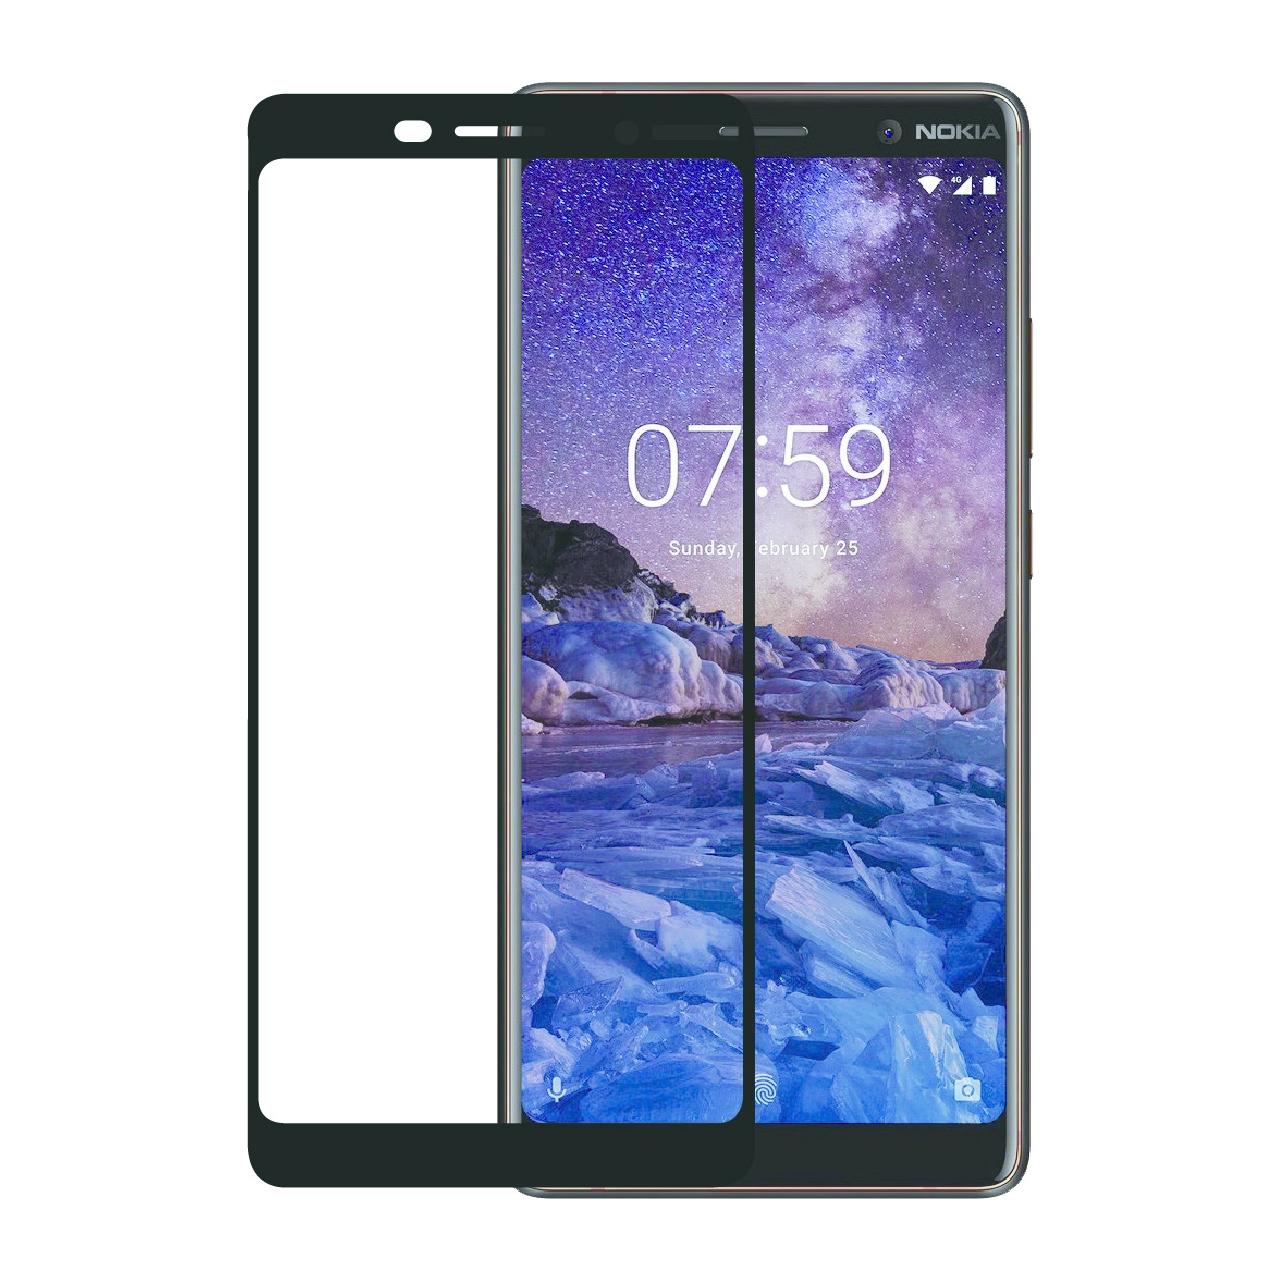 محافظ صفحه نمایش تمپرد مدل Full Cover مناسب برای گوشی موبایل نوکیا 7plus